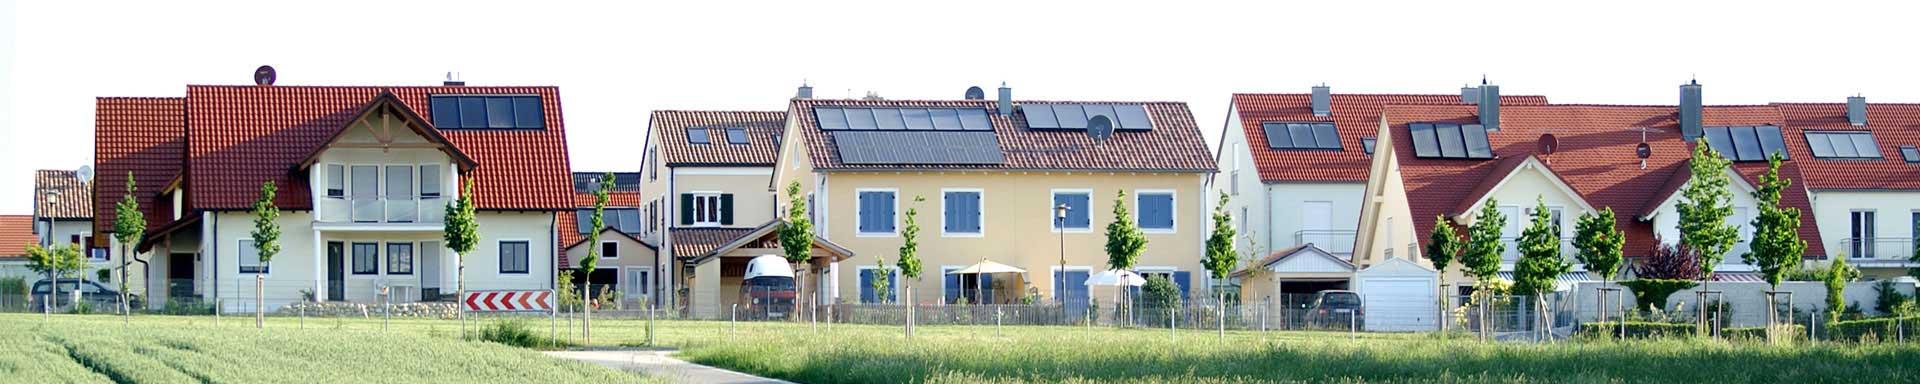 Bauunternehmen Erding start bauunternehmen erich käsmaier gmbh thalheim b erding